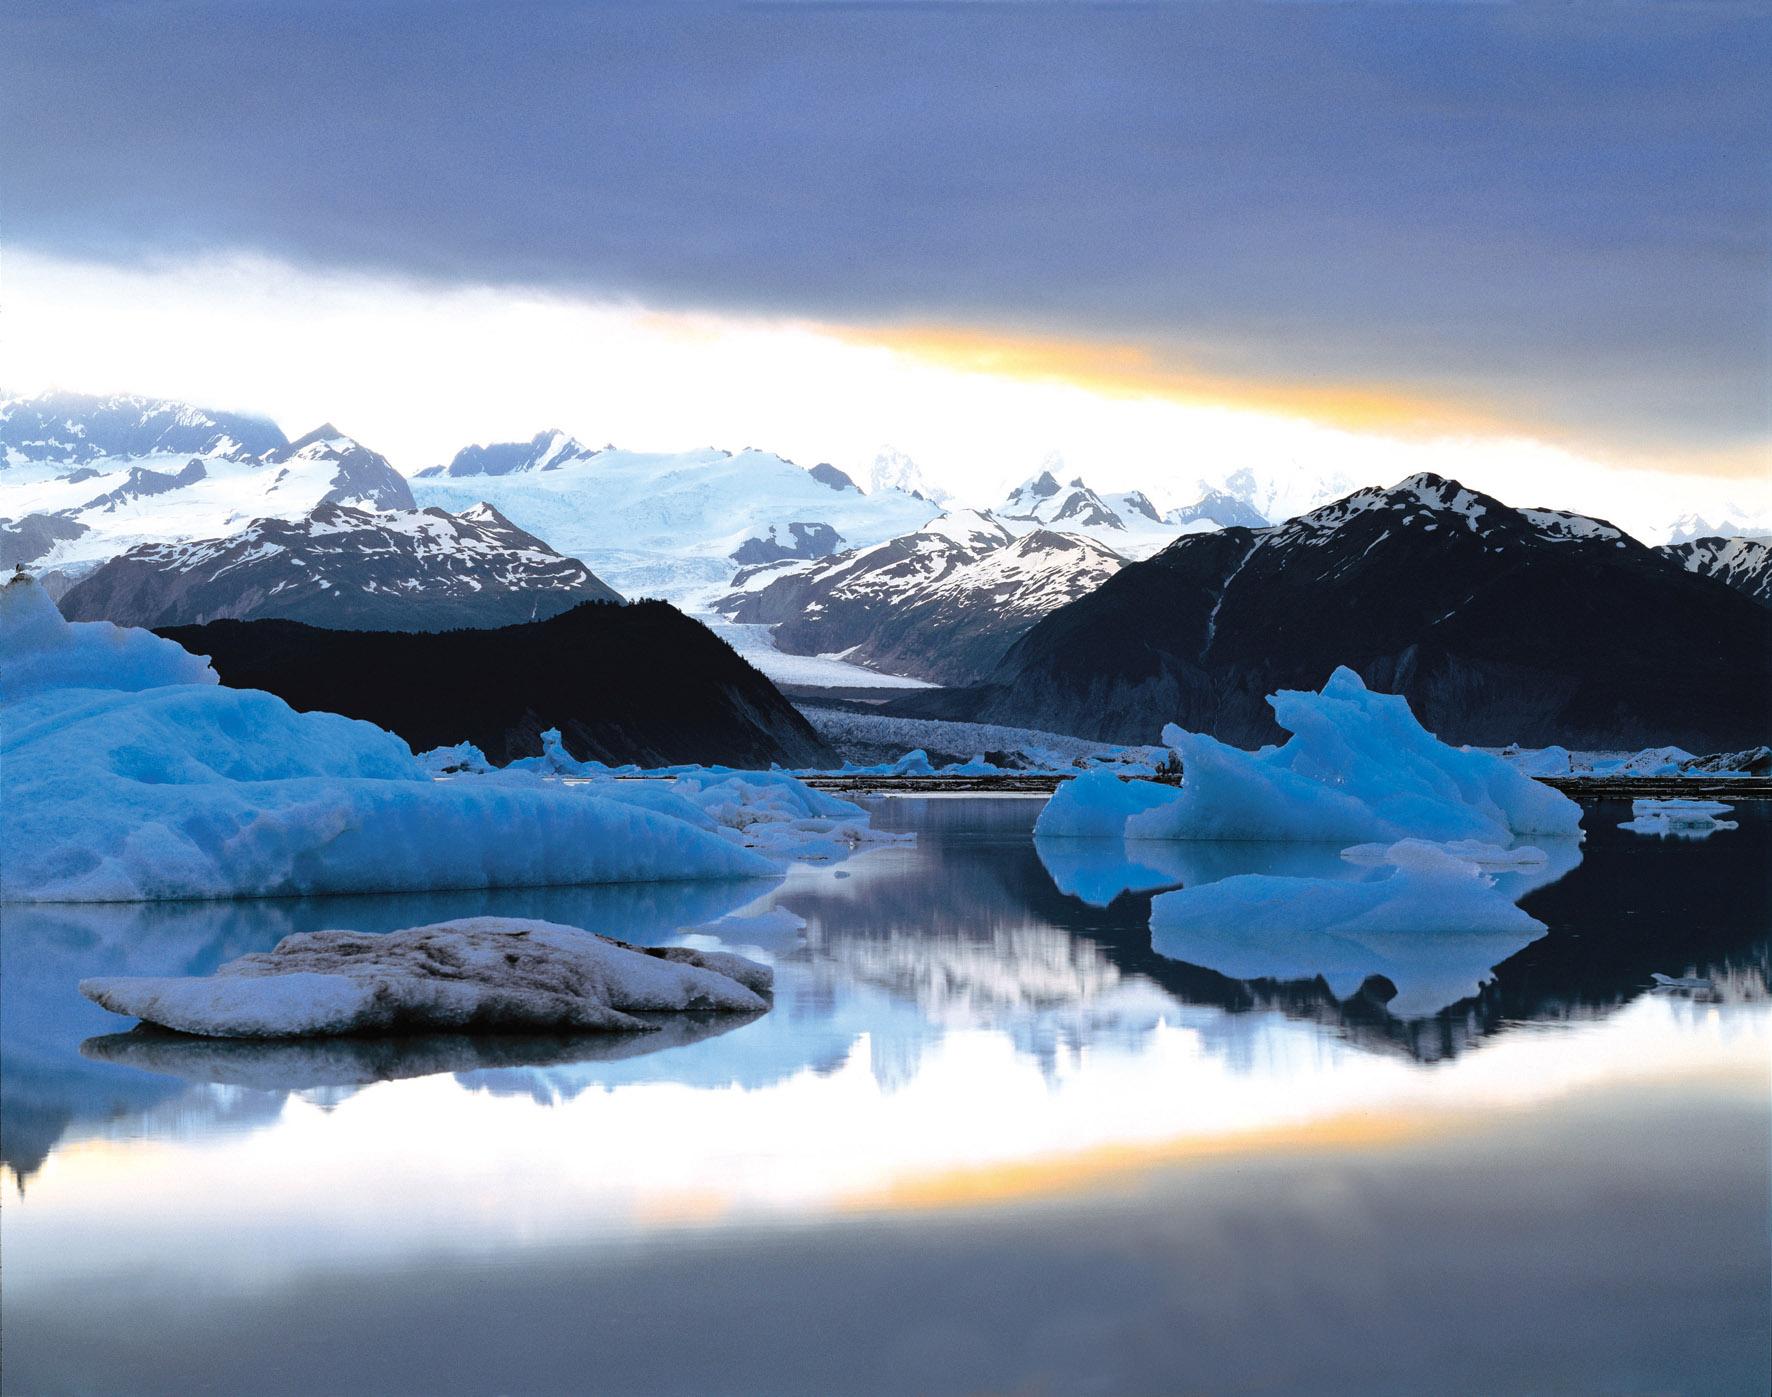 Wallpapersafari: Alaska Nature Pictures Wallpaper